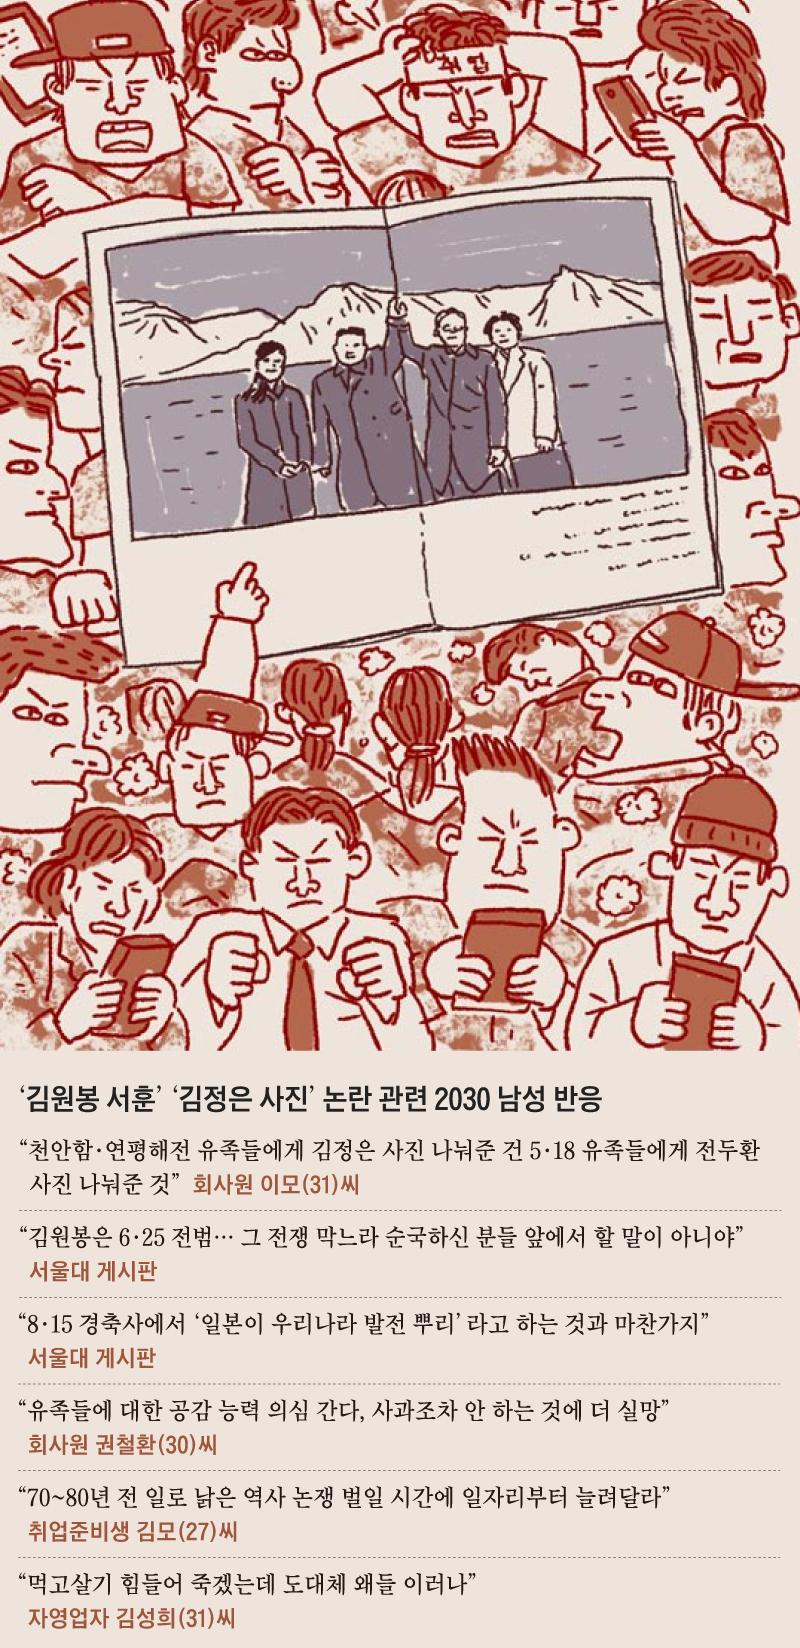 '김원봉 서훈' '김정은 사진' 논란 관련 2030 남성 반응